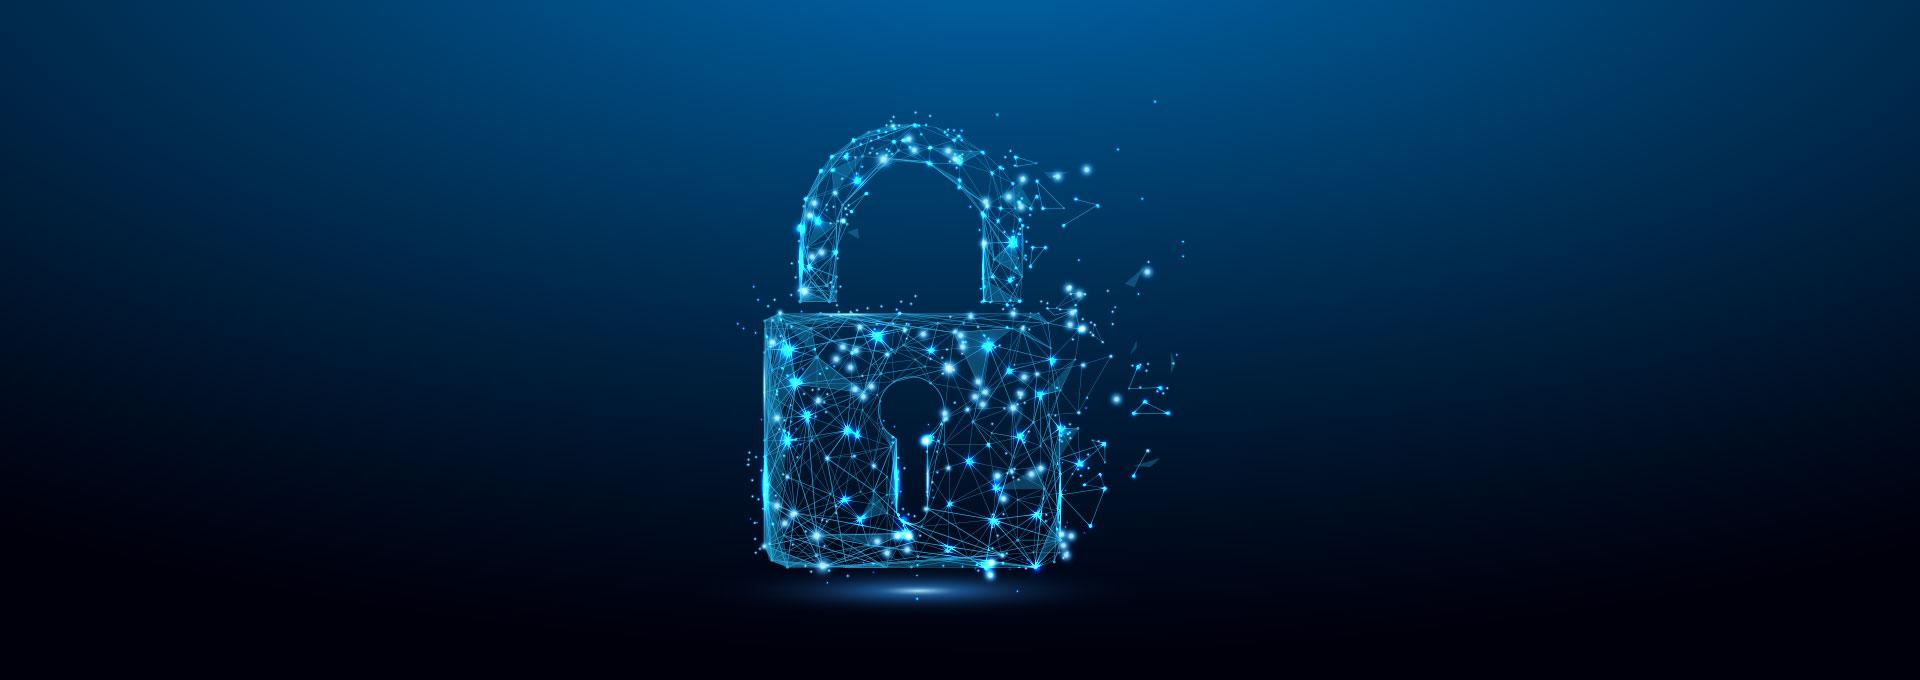 Bandeau protection des données